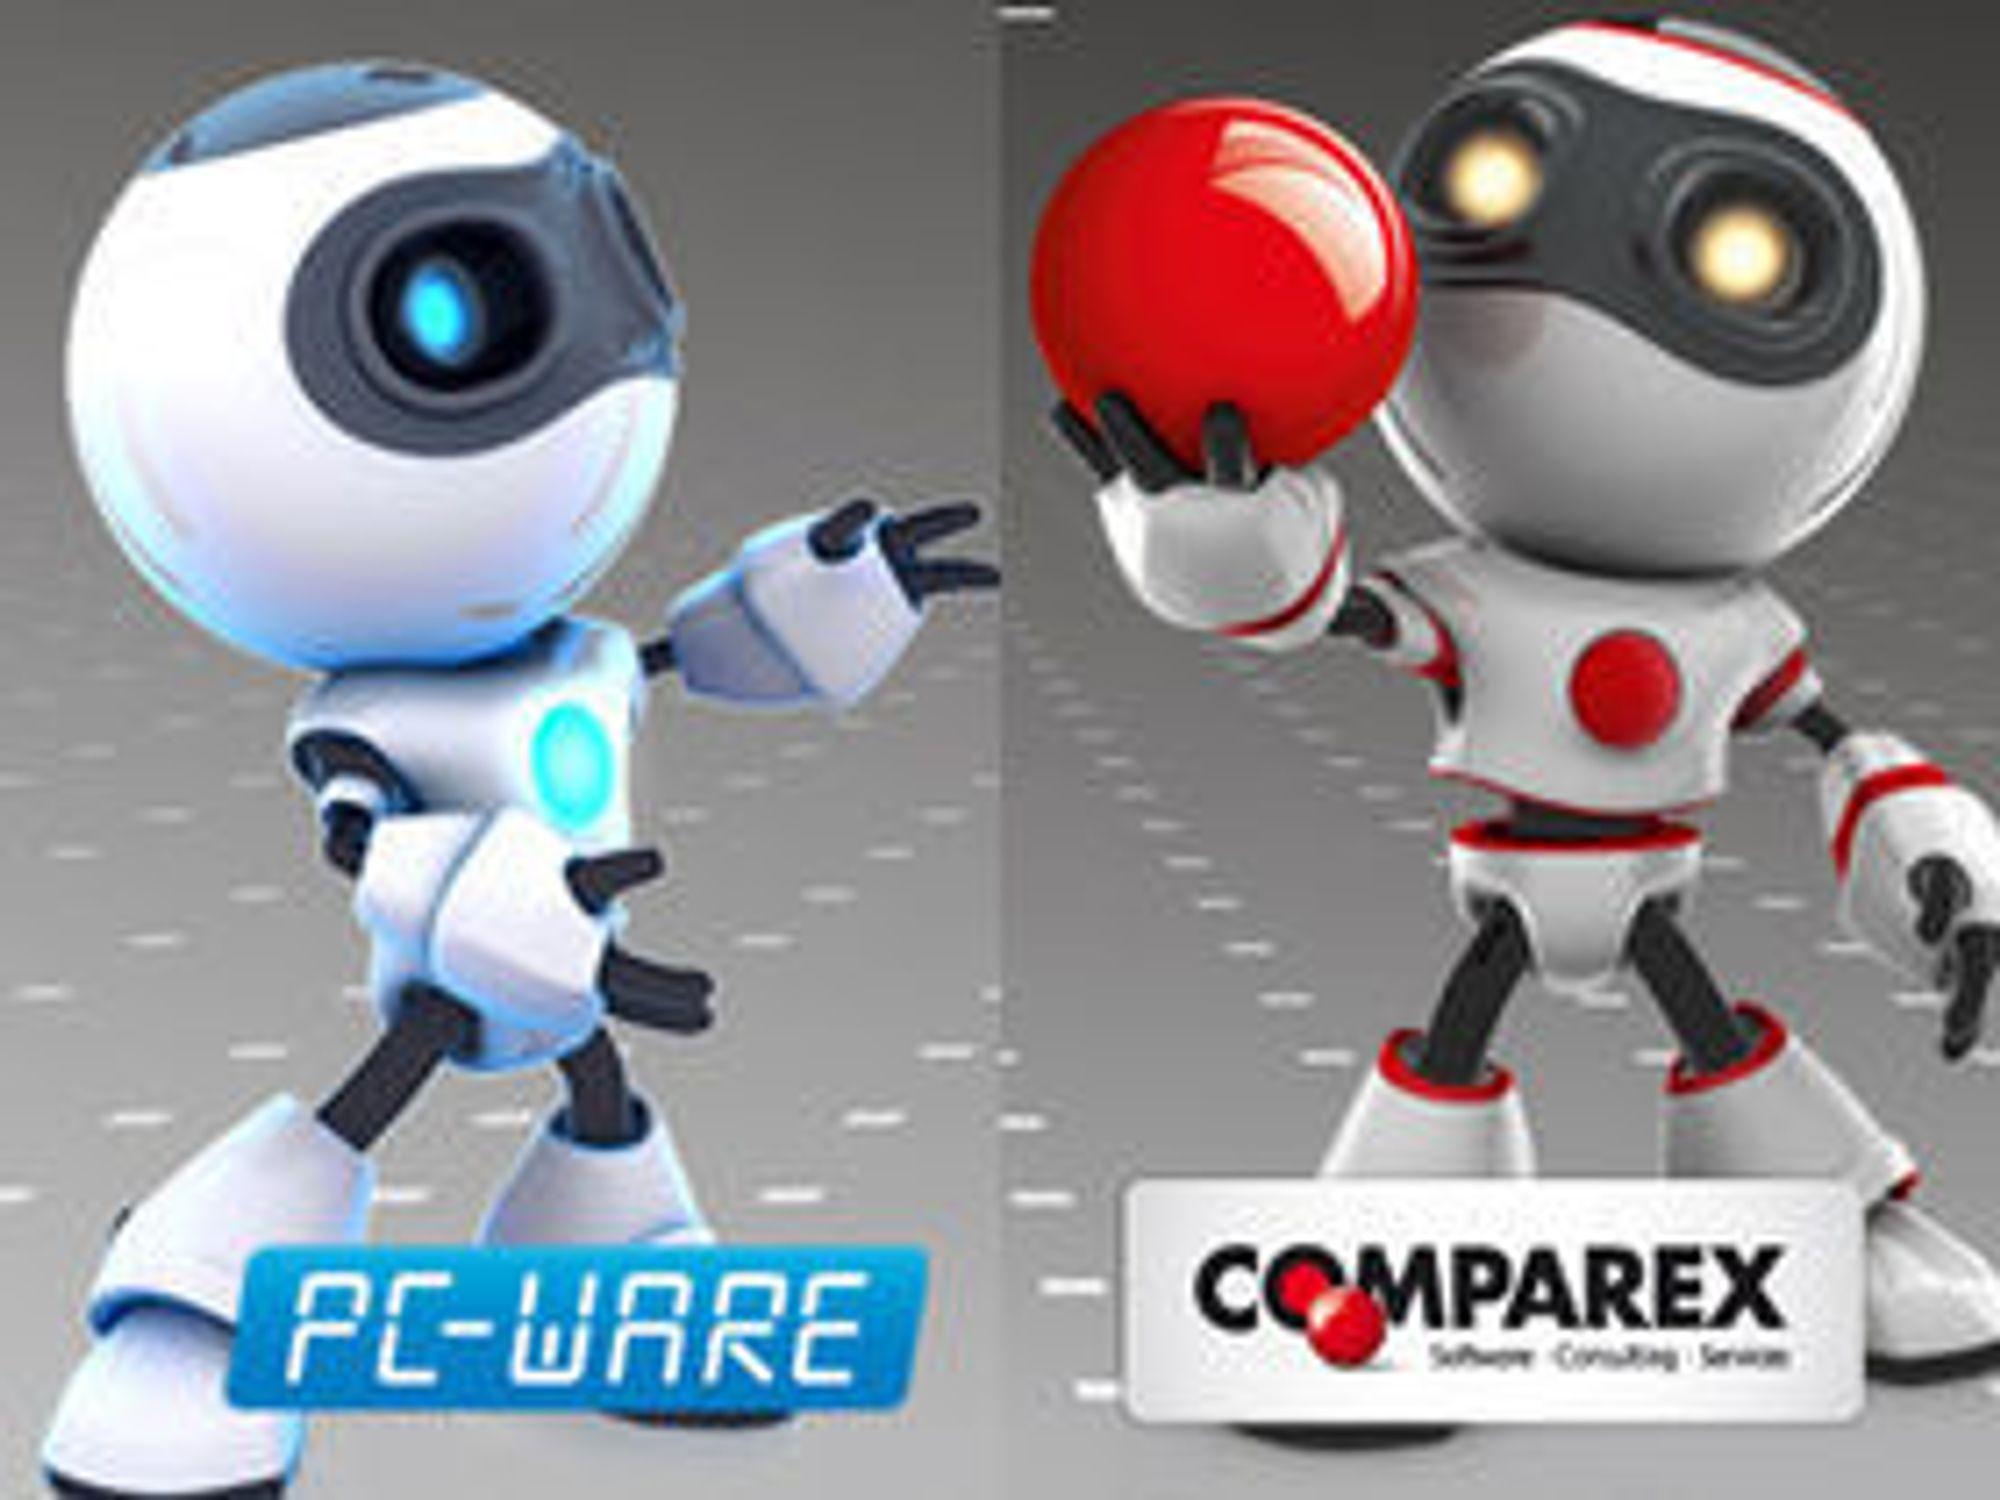 Det tyske selskapet PC-Ware byttet navn til Comparex i 2011. Selskapet kjøpte i sin tid gamle Ravensholm og kunne dermed feire 25 år jubileum i sommer.